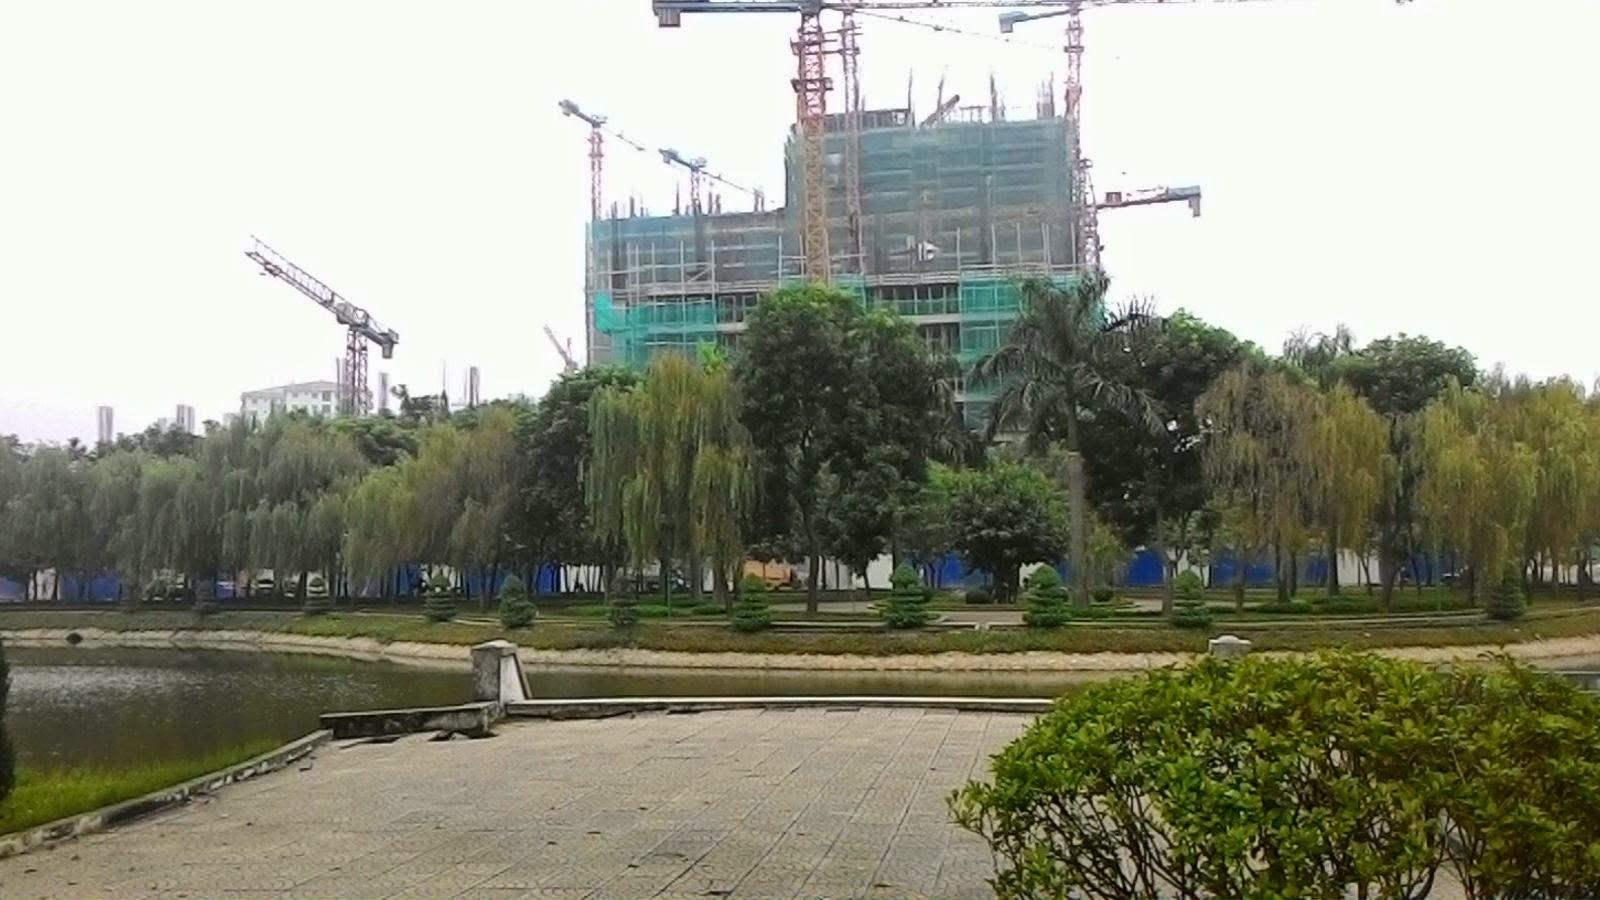 Chung cư HH3 Linh Đàm nhìn từ khuôn viên